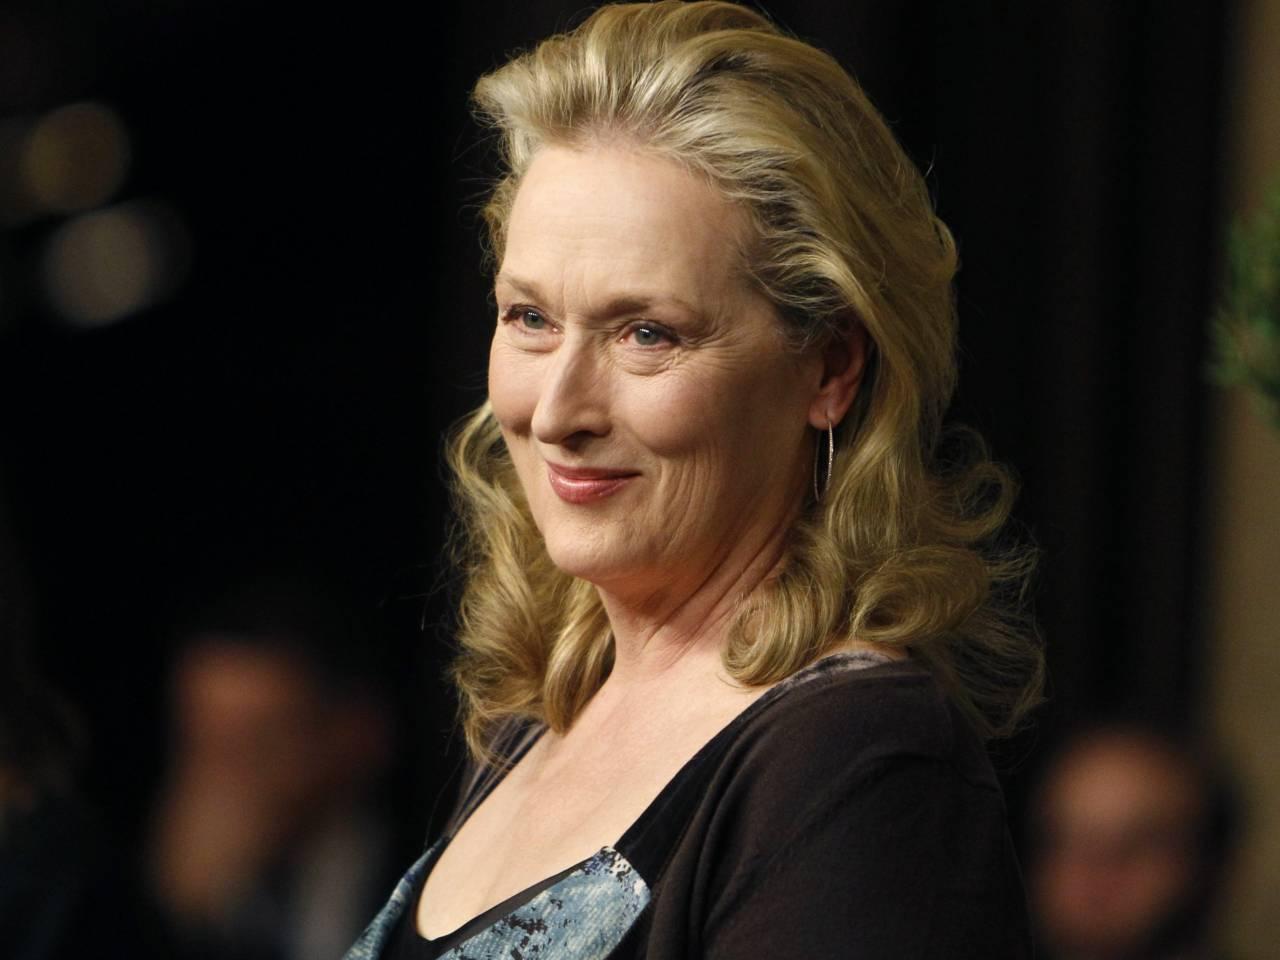 Meryl Davis Quotes Quotesgram: Meryl Streep Famous Quotes. QuotesGram